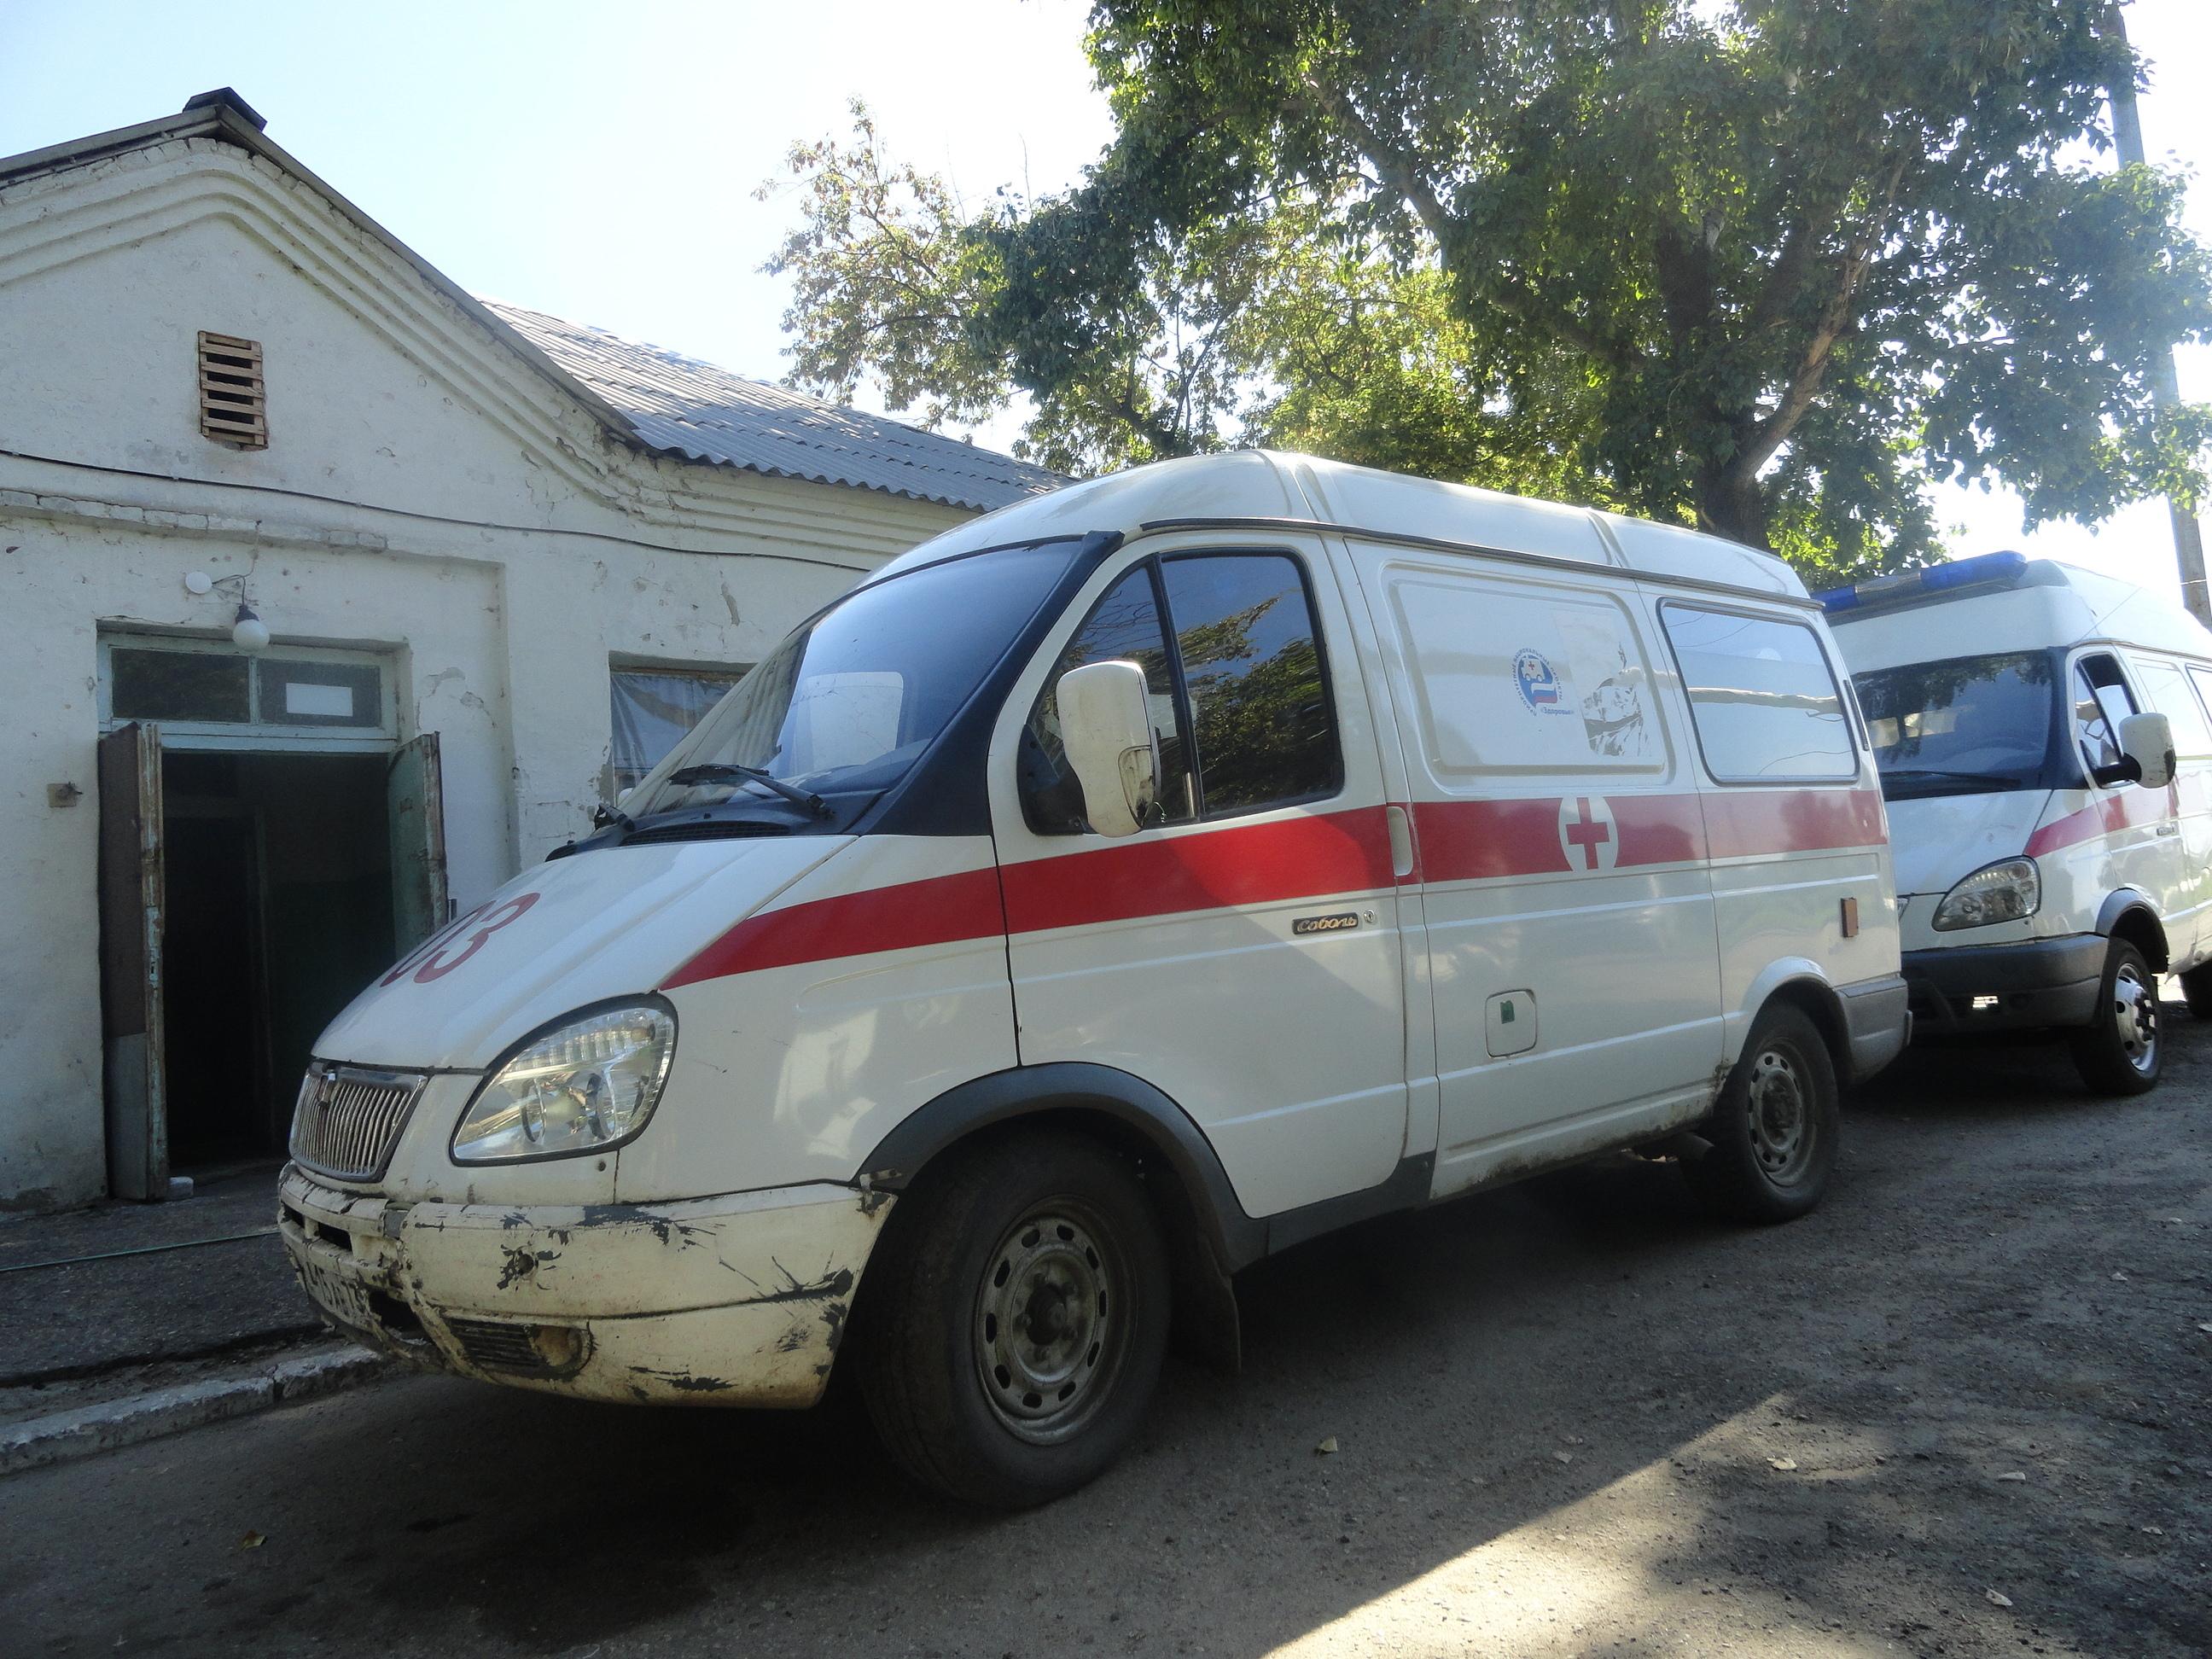 Годовалый ребенок скончался вУльяновской области вмашине скорой помощи